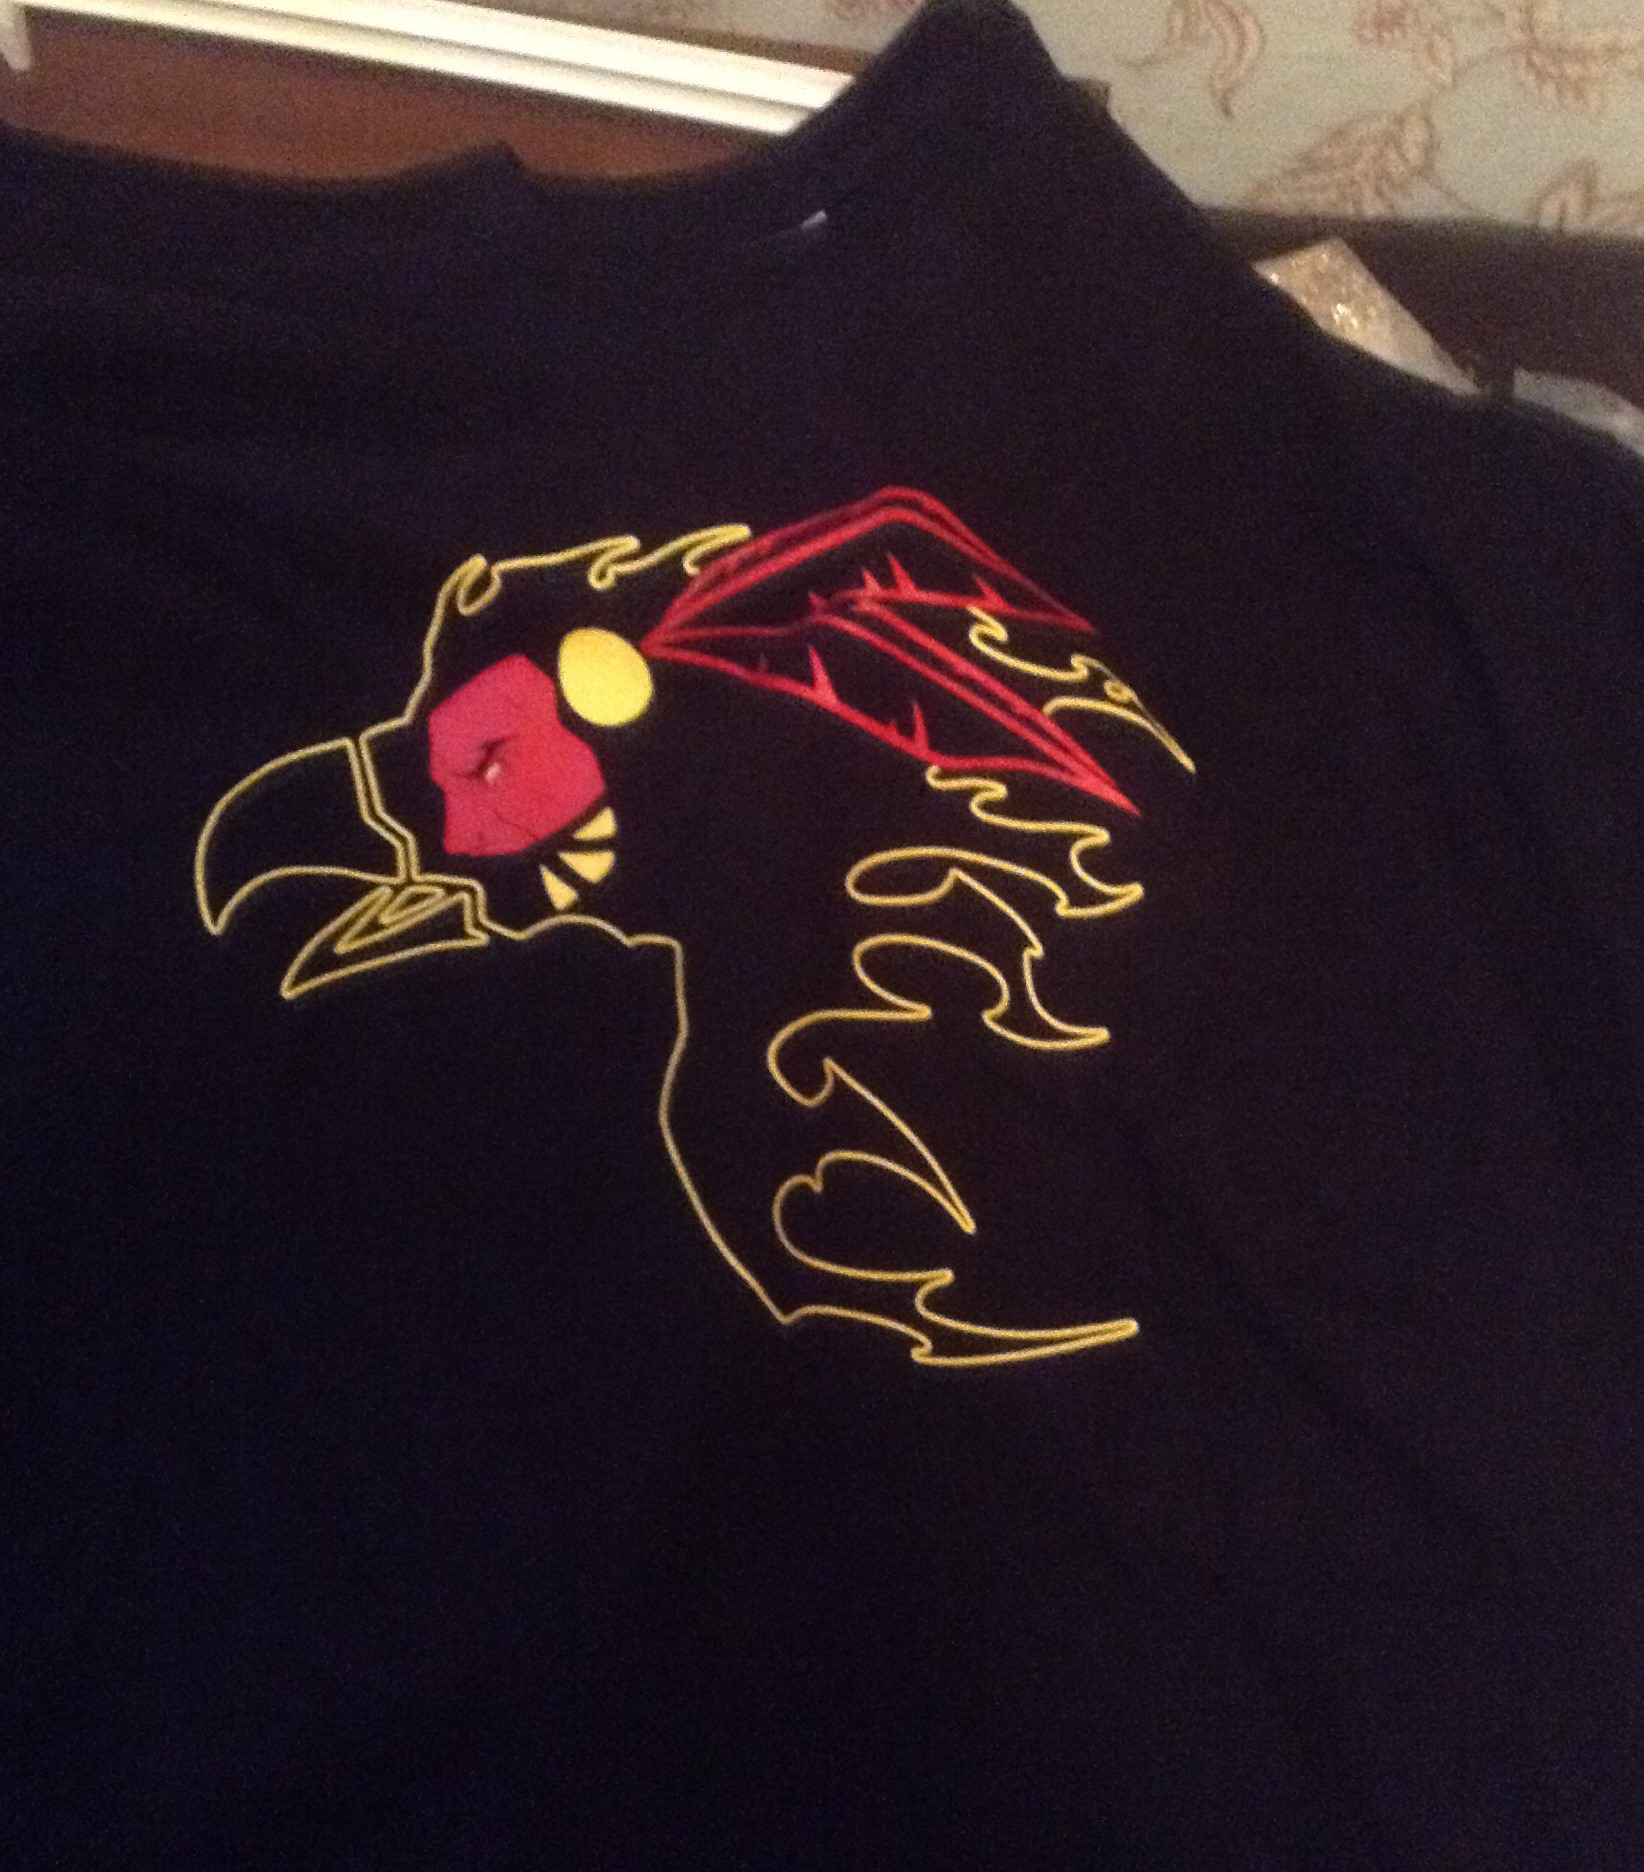 str8-up t-shirt